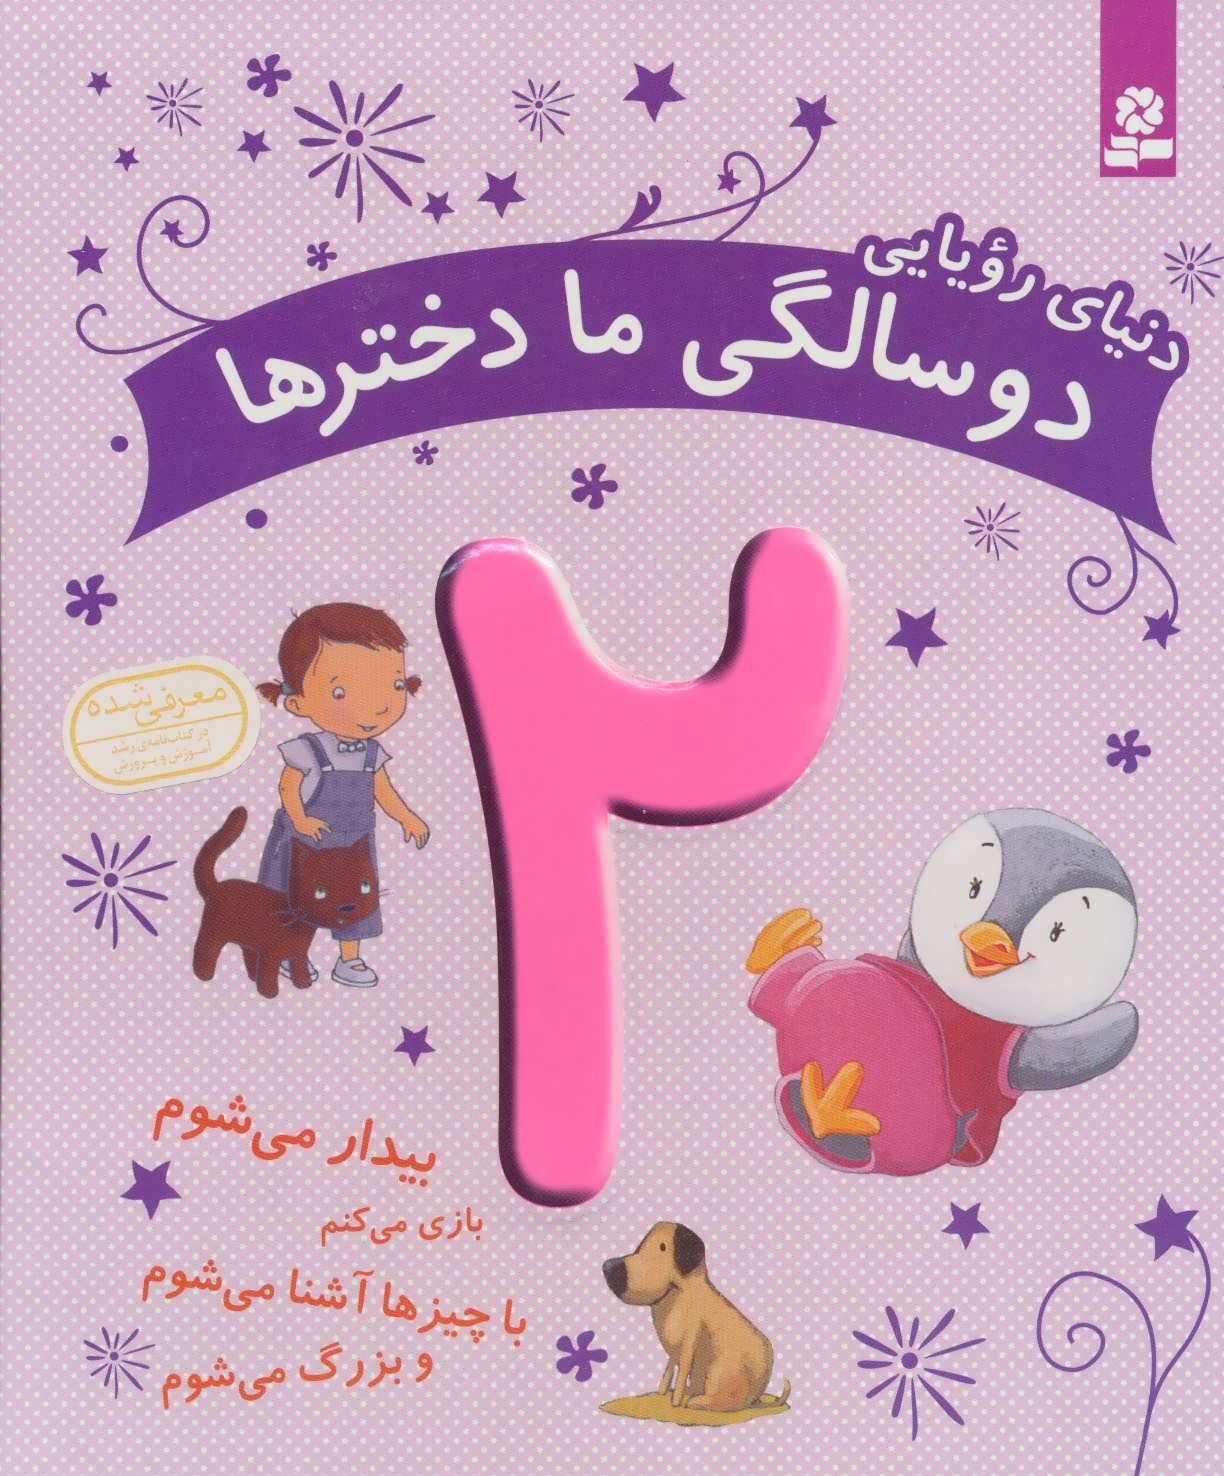 کتاب دنیای رویایی دو سالگی ما دخترها